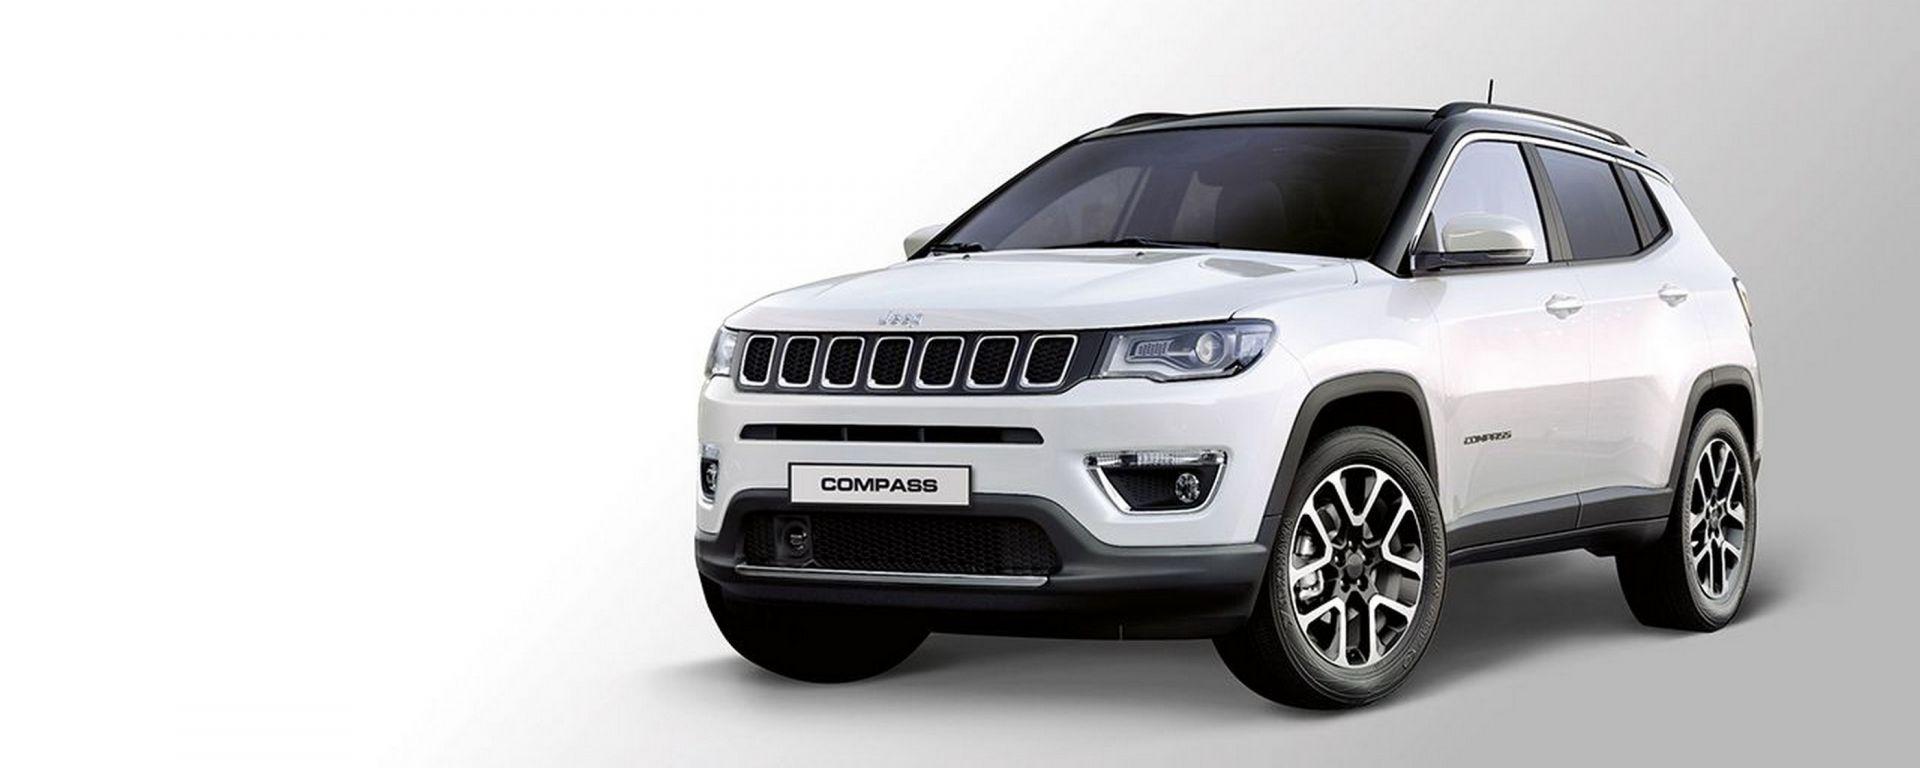 Jeep Compass Leasys Unlimited: il noleggio auto a lungo termine ad abbonamento